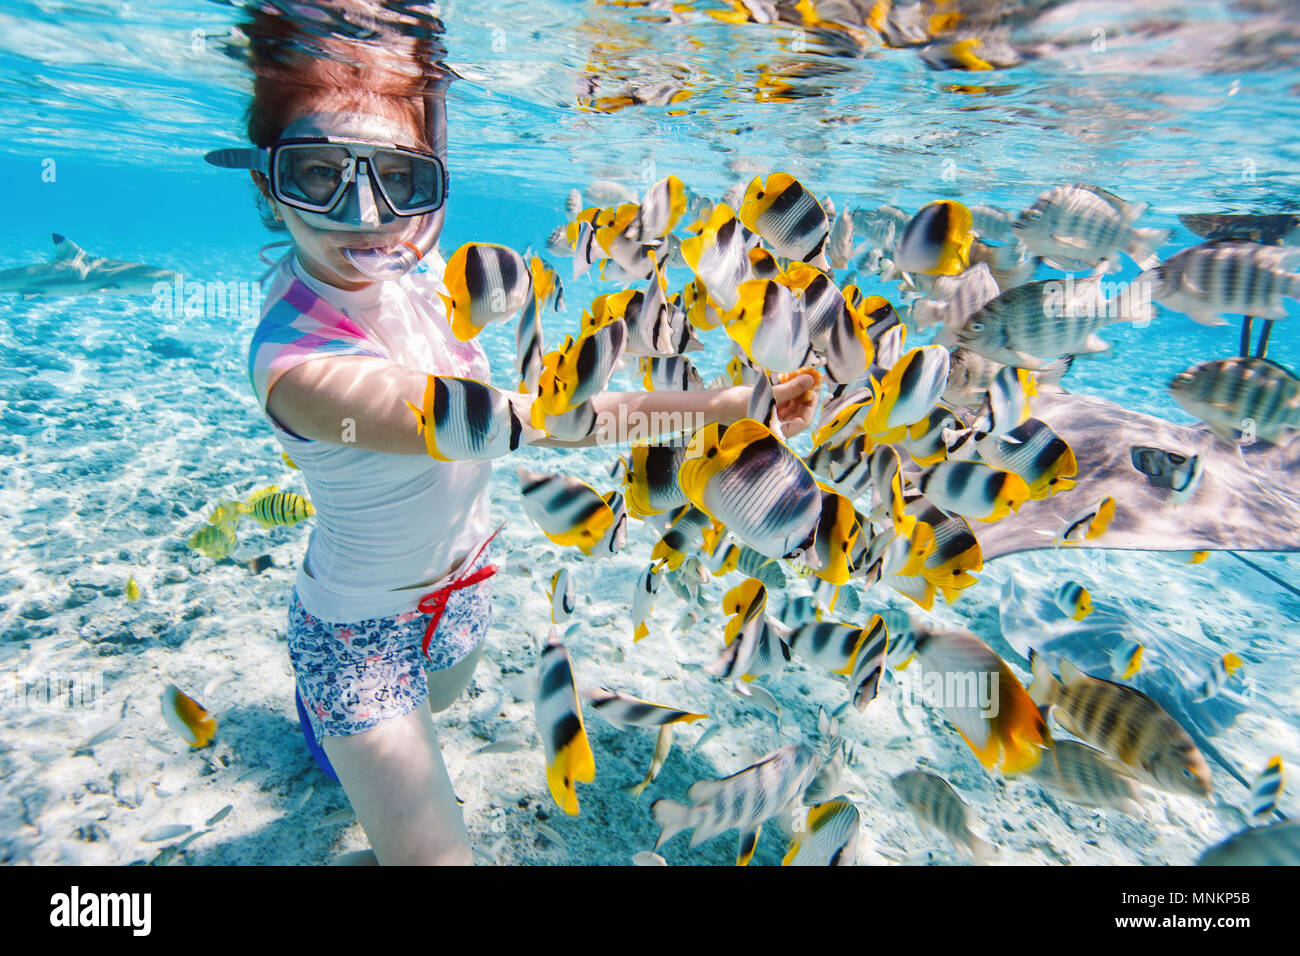 Femme de la plongée libre dans les eaux tropicales claire parmi les poissons colorés Photo Stock